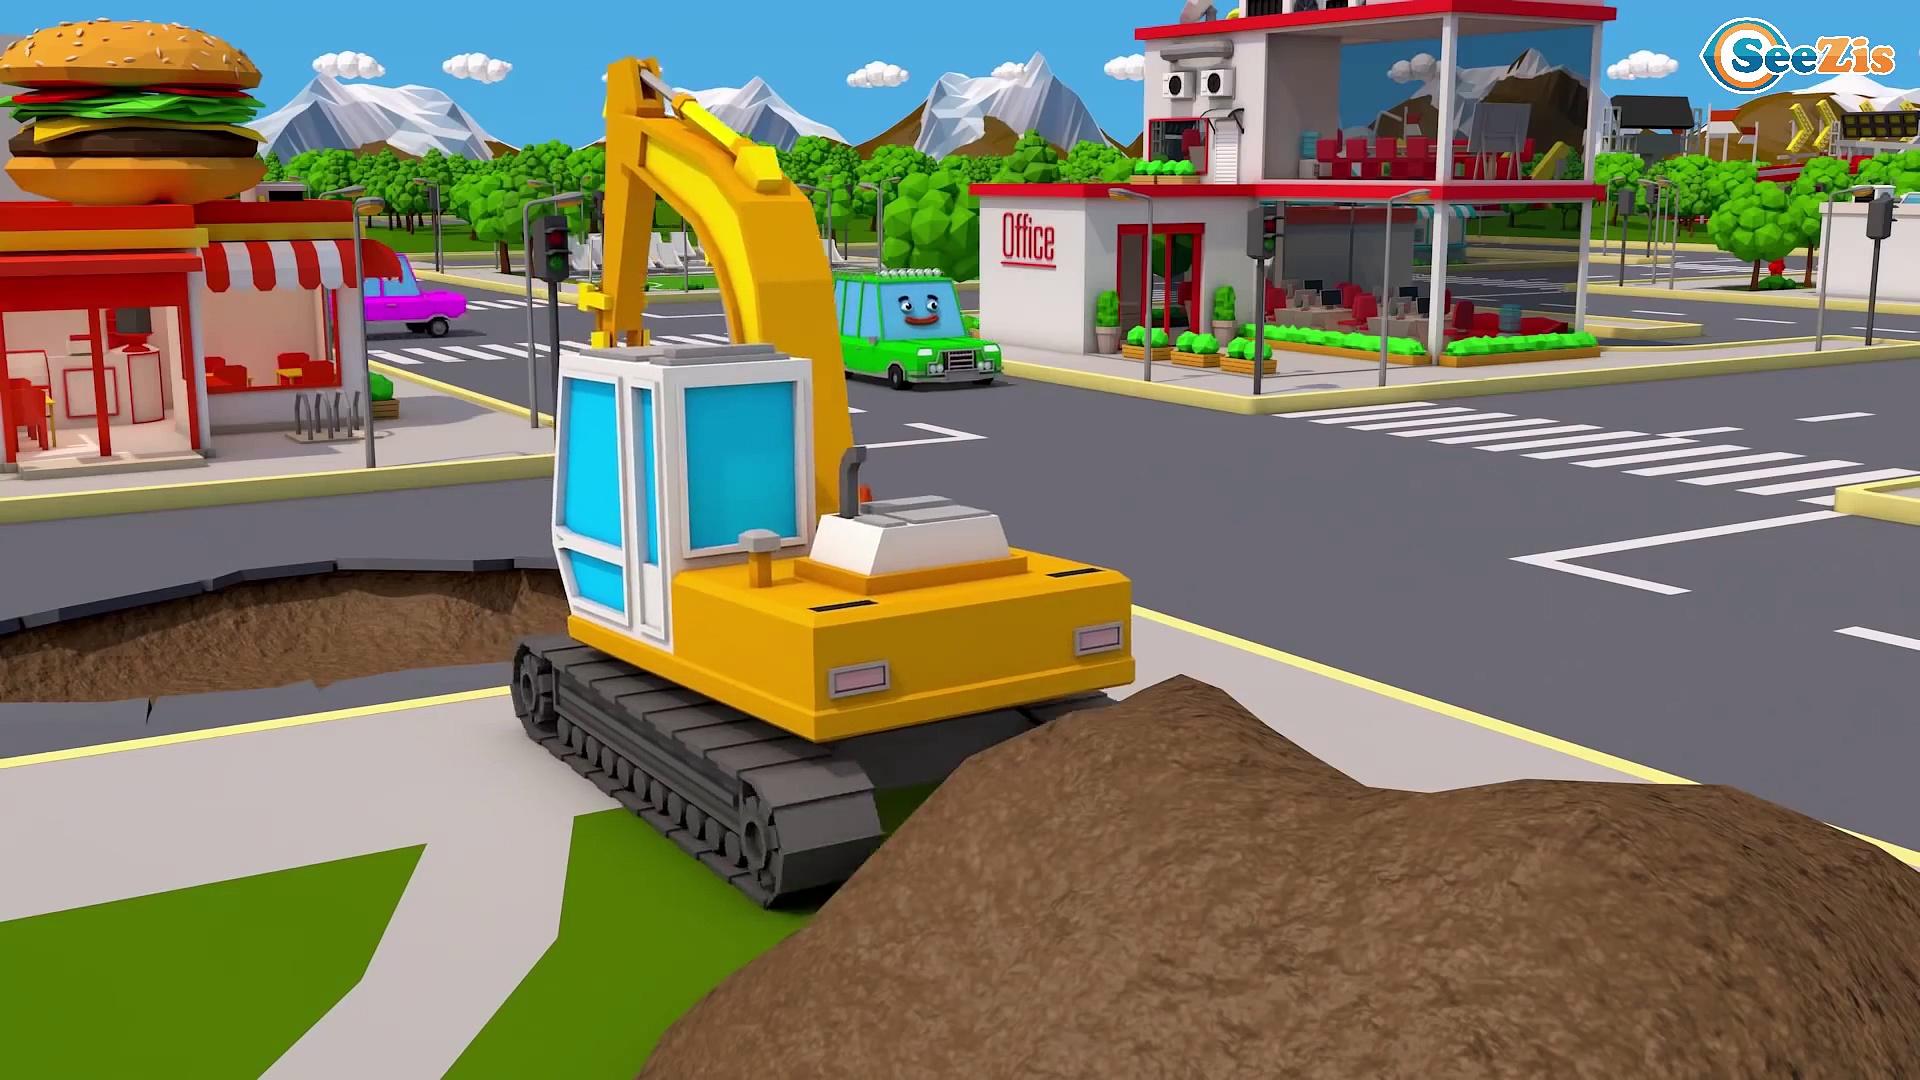 Super Truck and Monster Truck in Trucks City 3D Animation | Trucks Cartoon for kids Trucks Stories